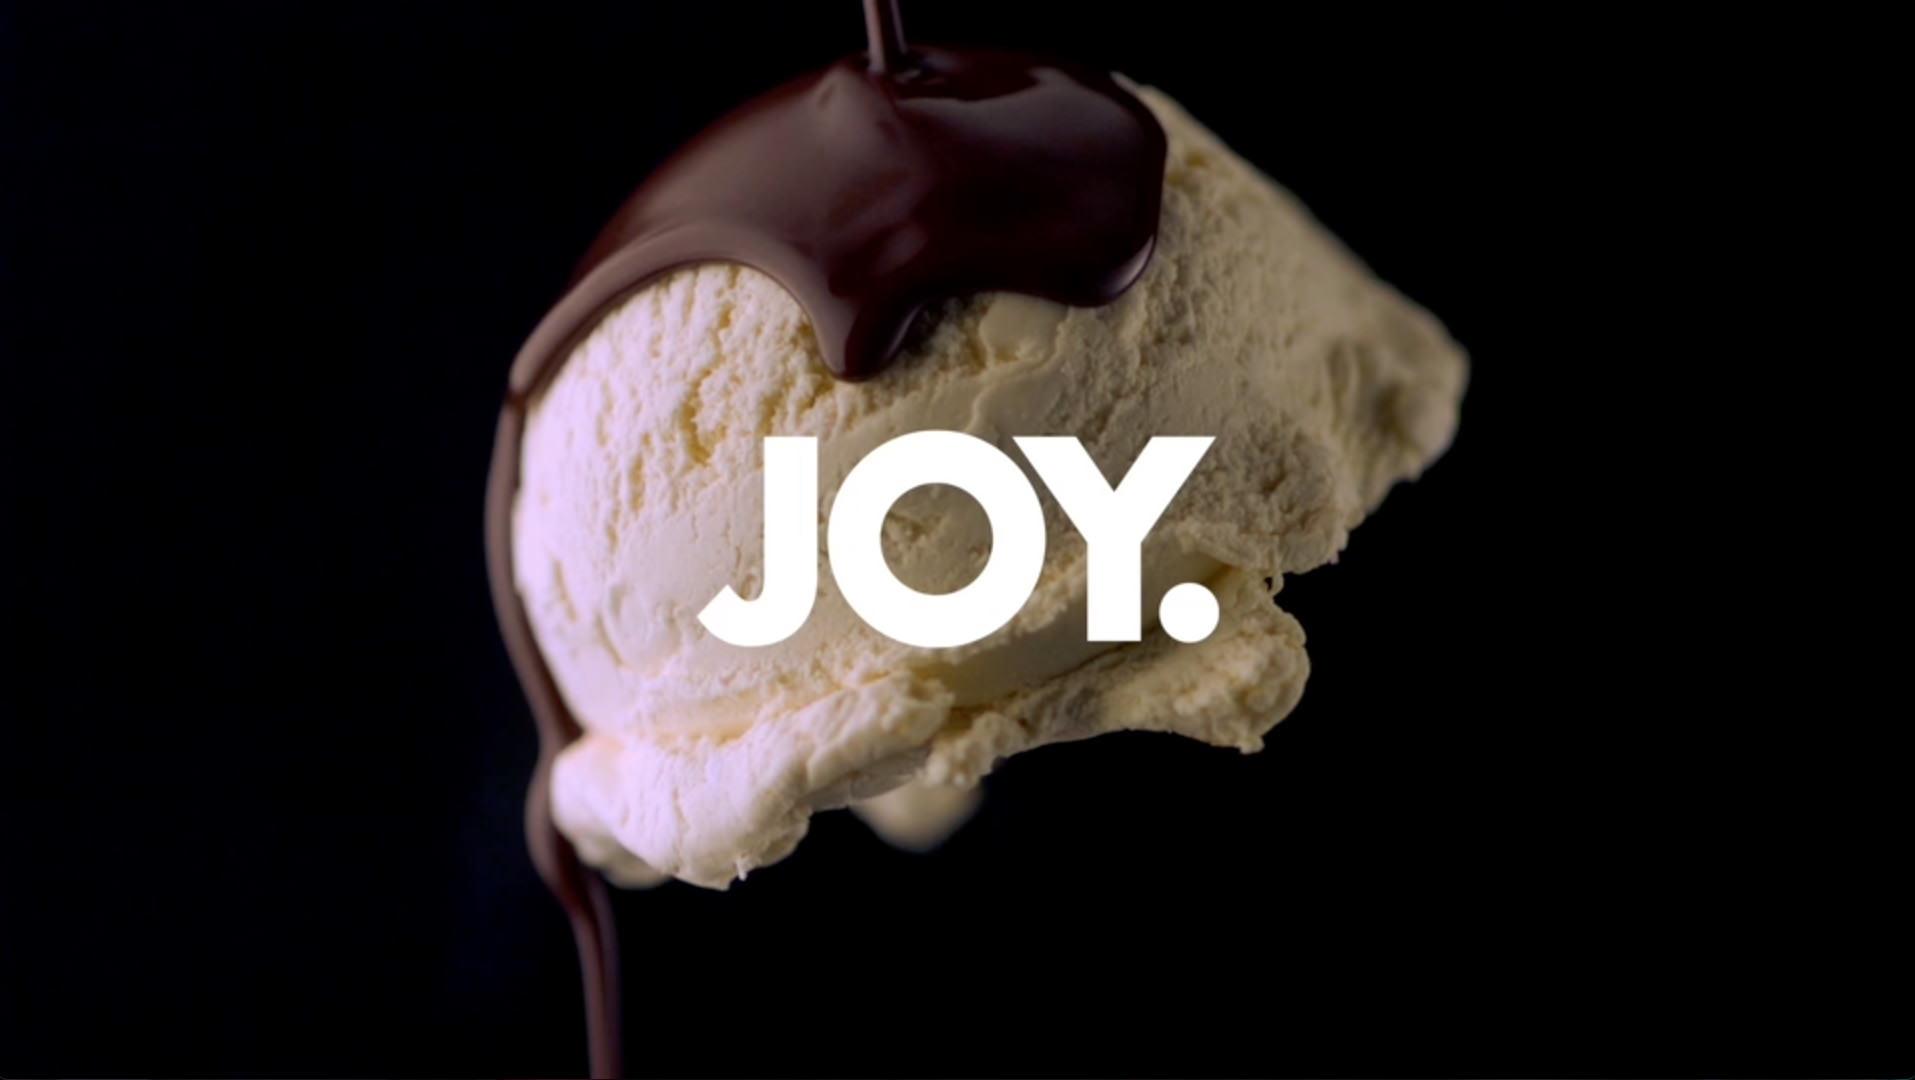 JOY icecream.jpg